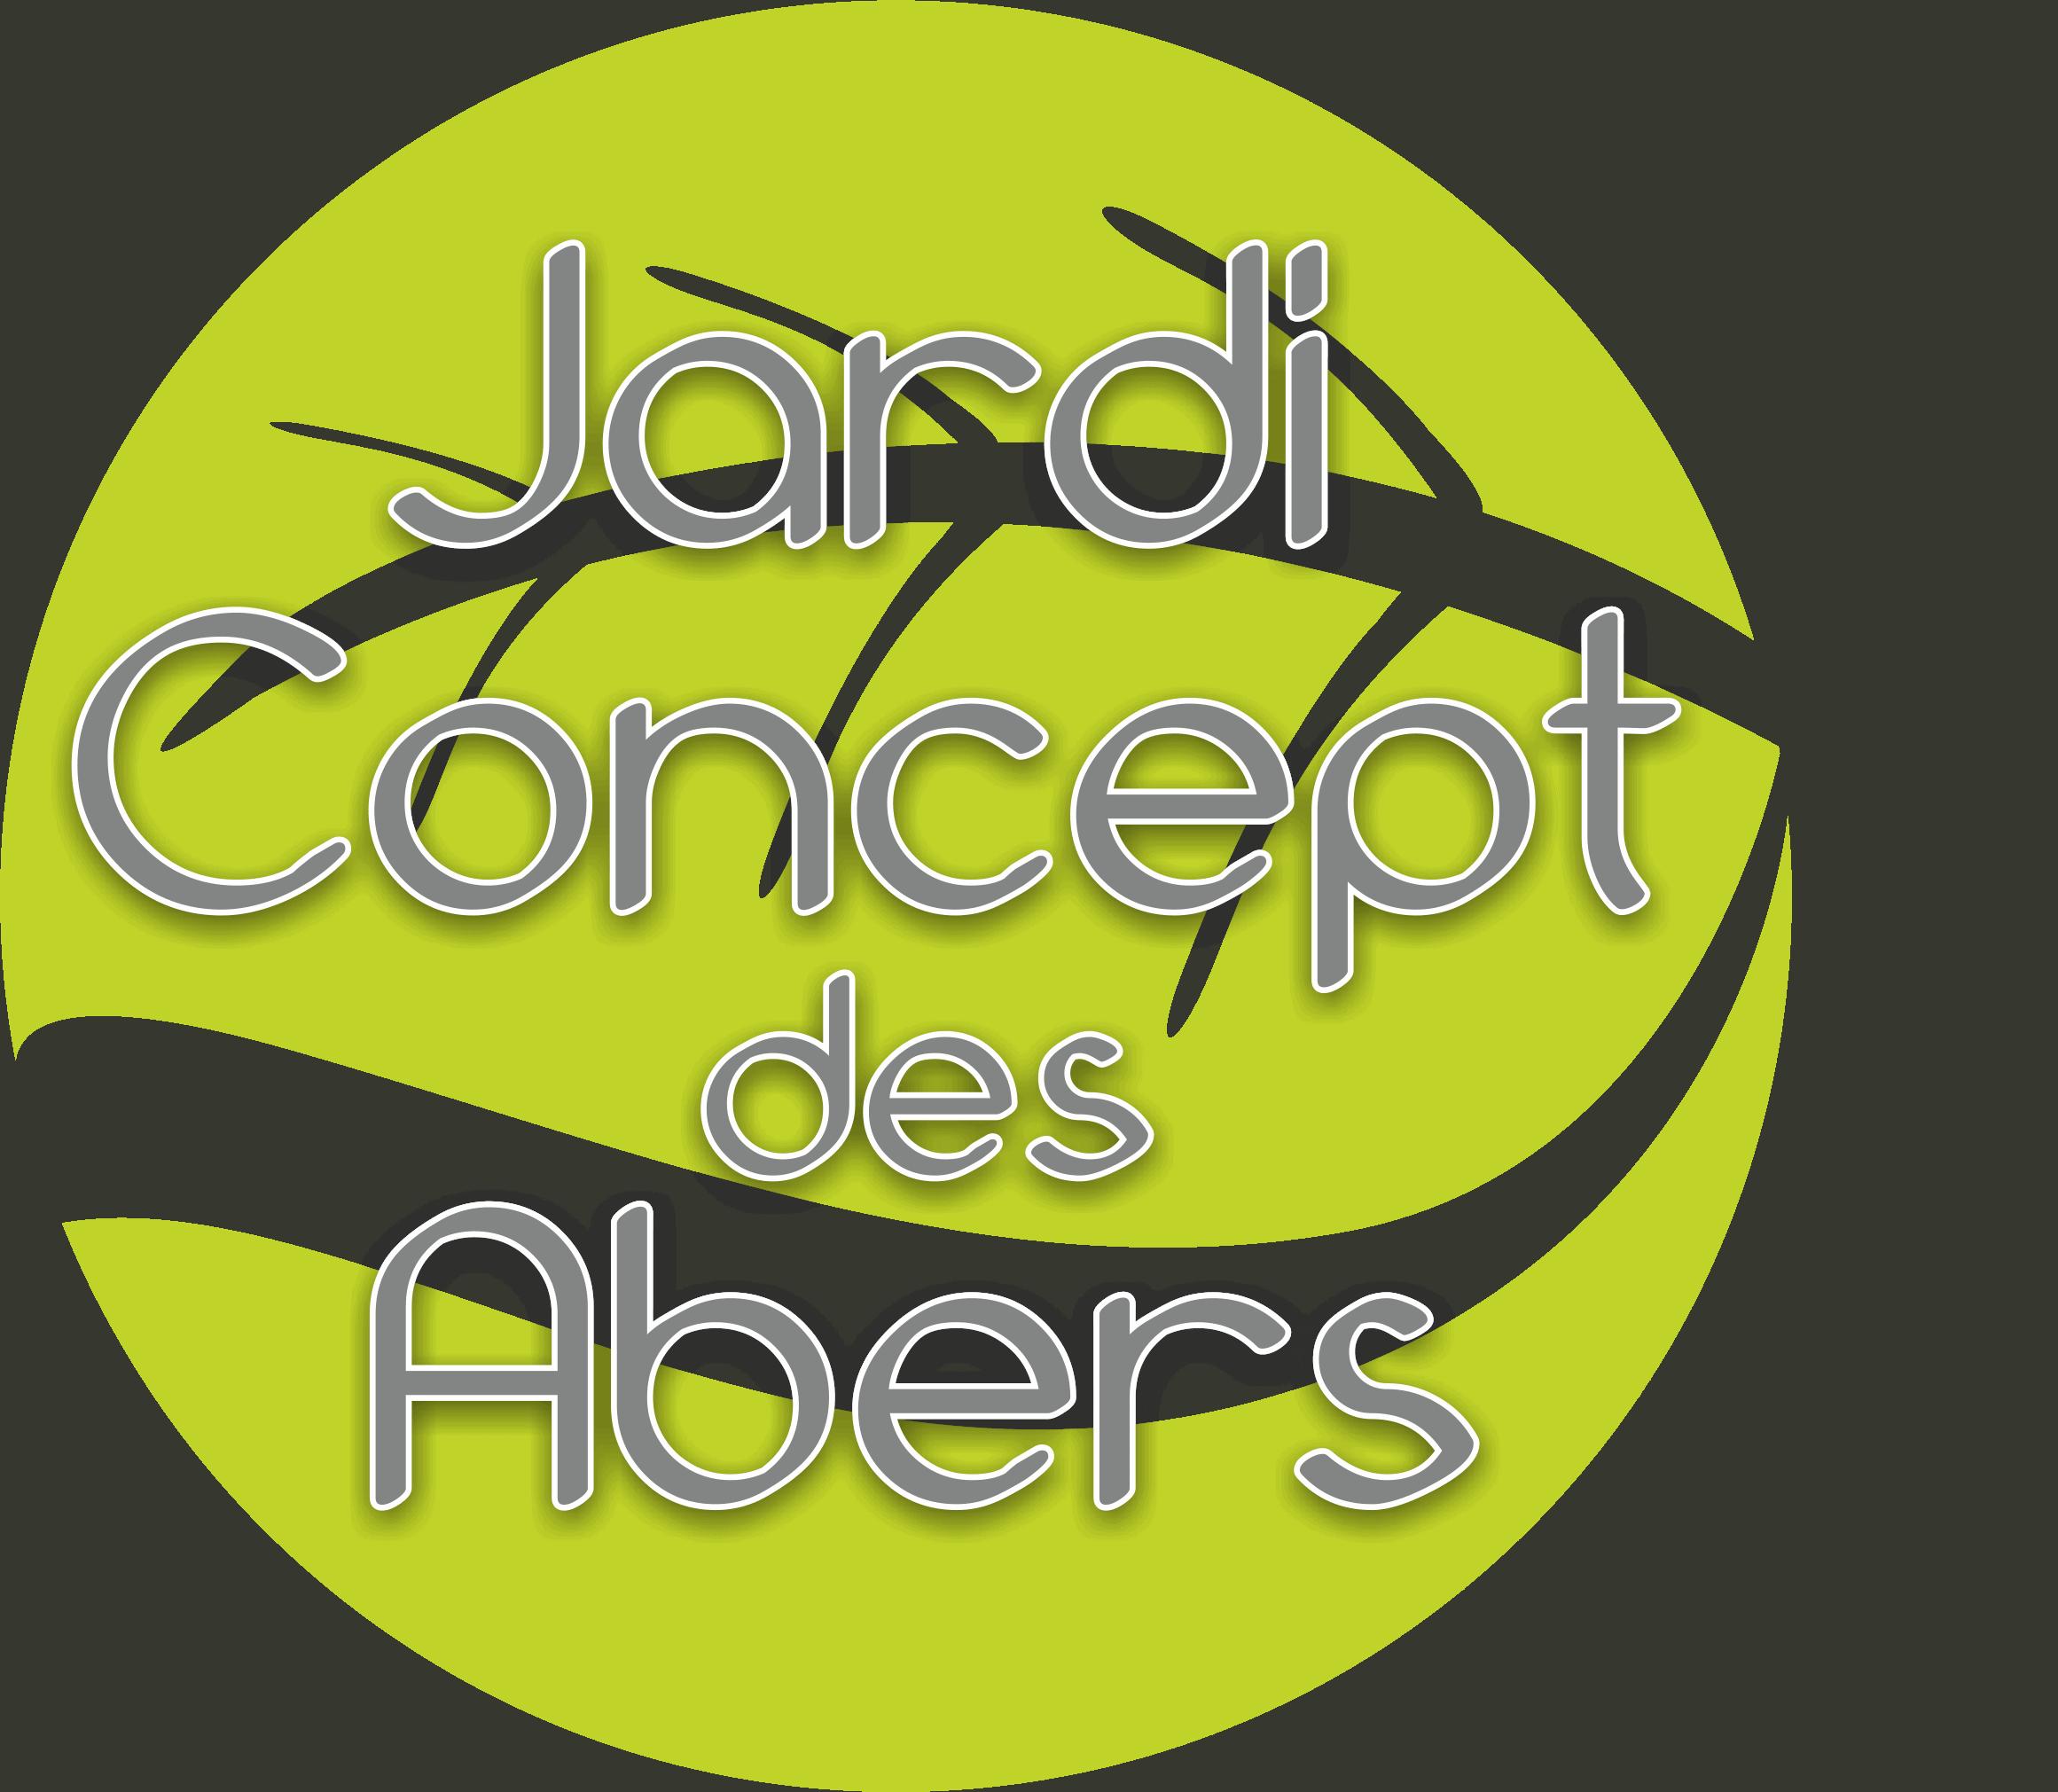 Logo JARDI CONCEPT DES ABERS